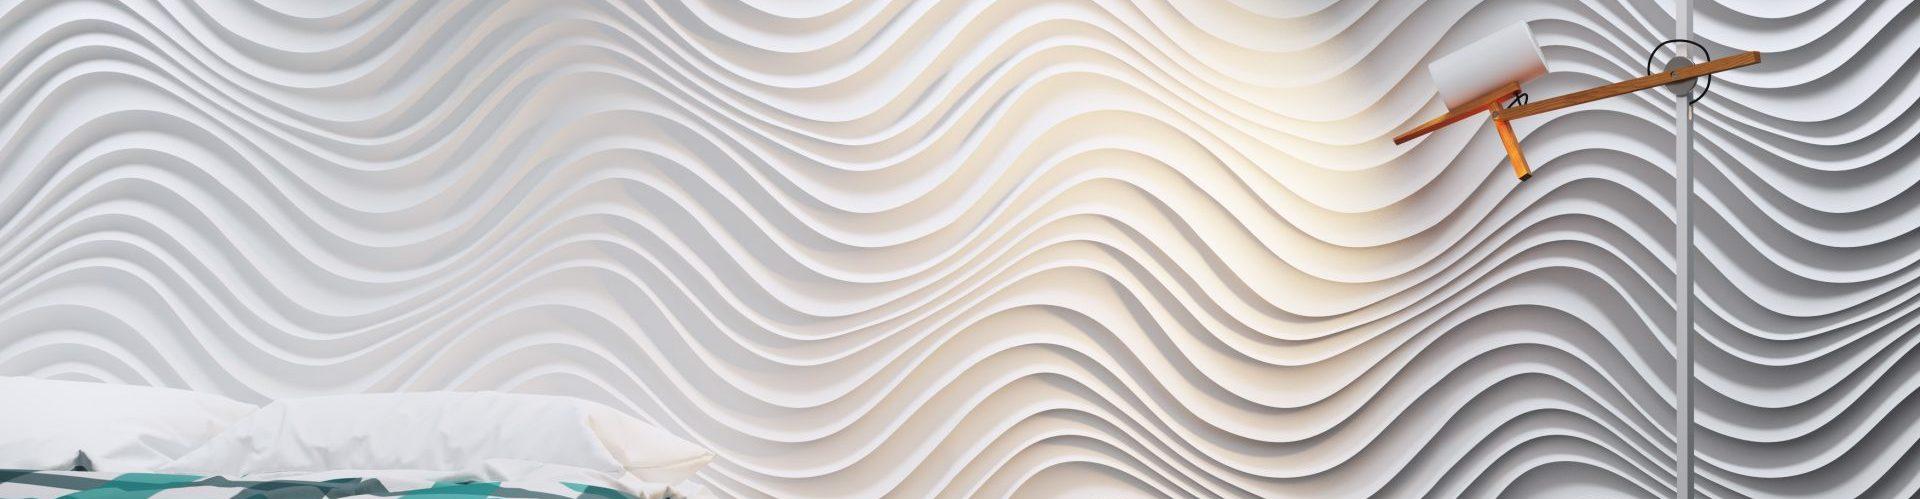 Nowość W Ofercie Panele Dekoracyjne 3d Dunes